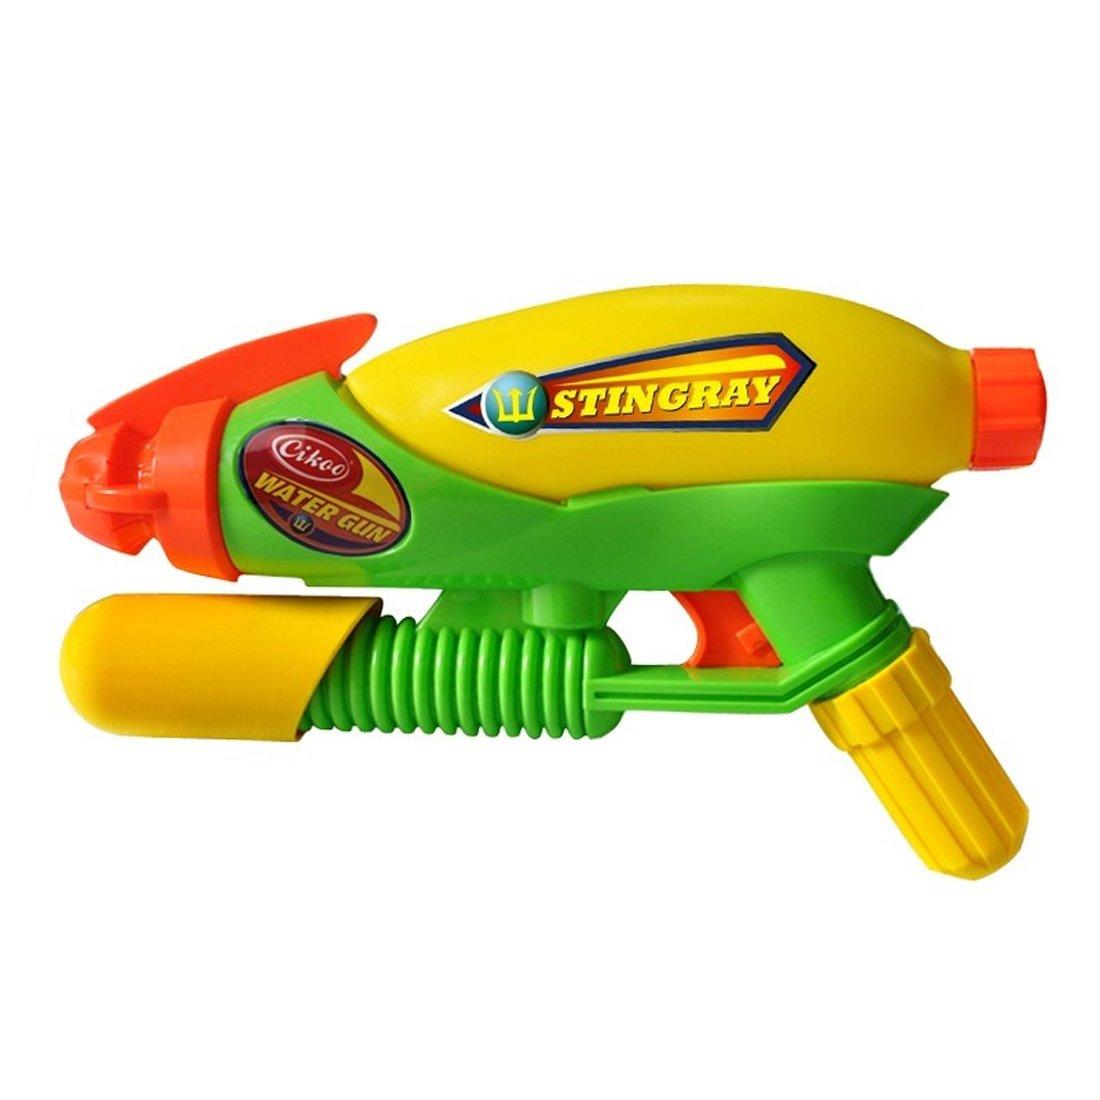 Cikoo Water Guns For Children Air Pressure Beach Toys For Kids Summer Joker S.. 14